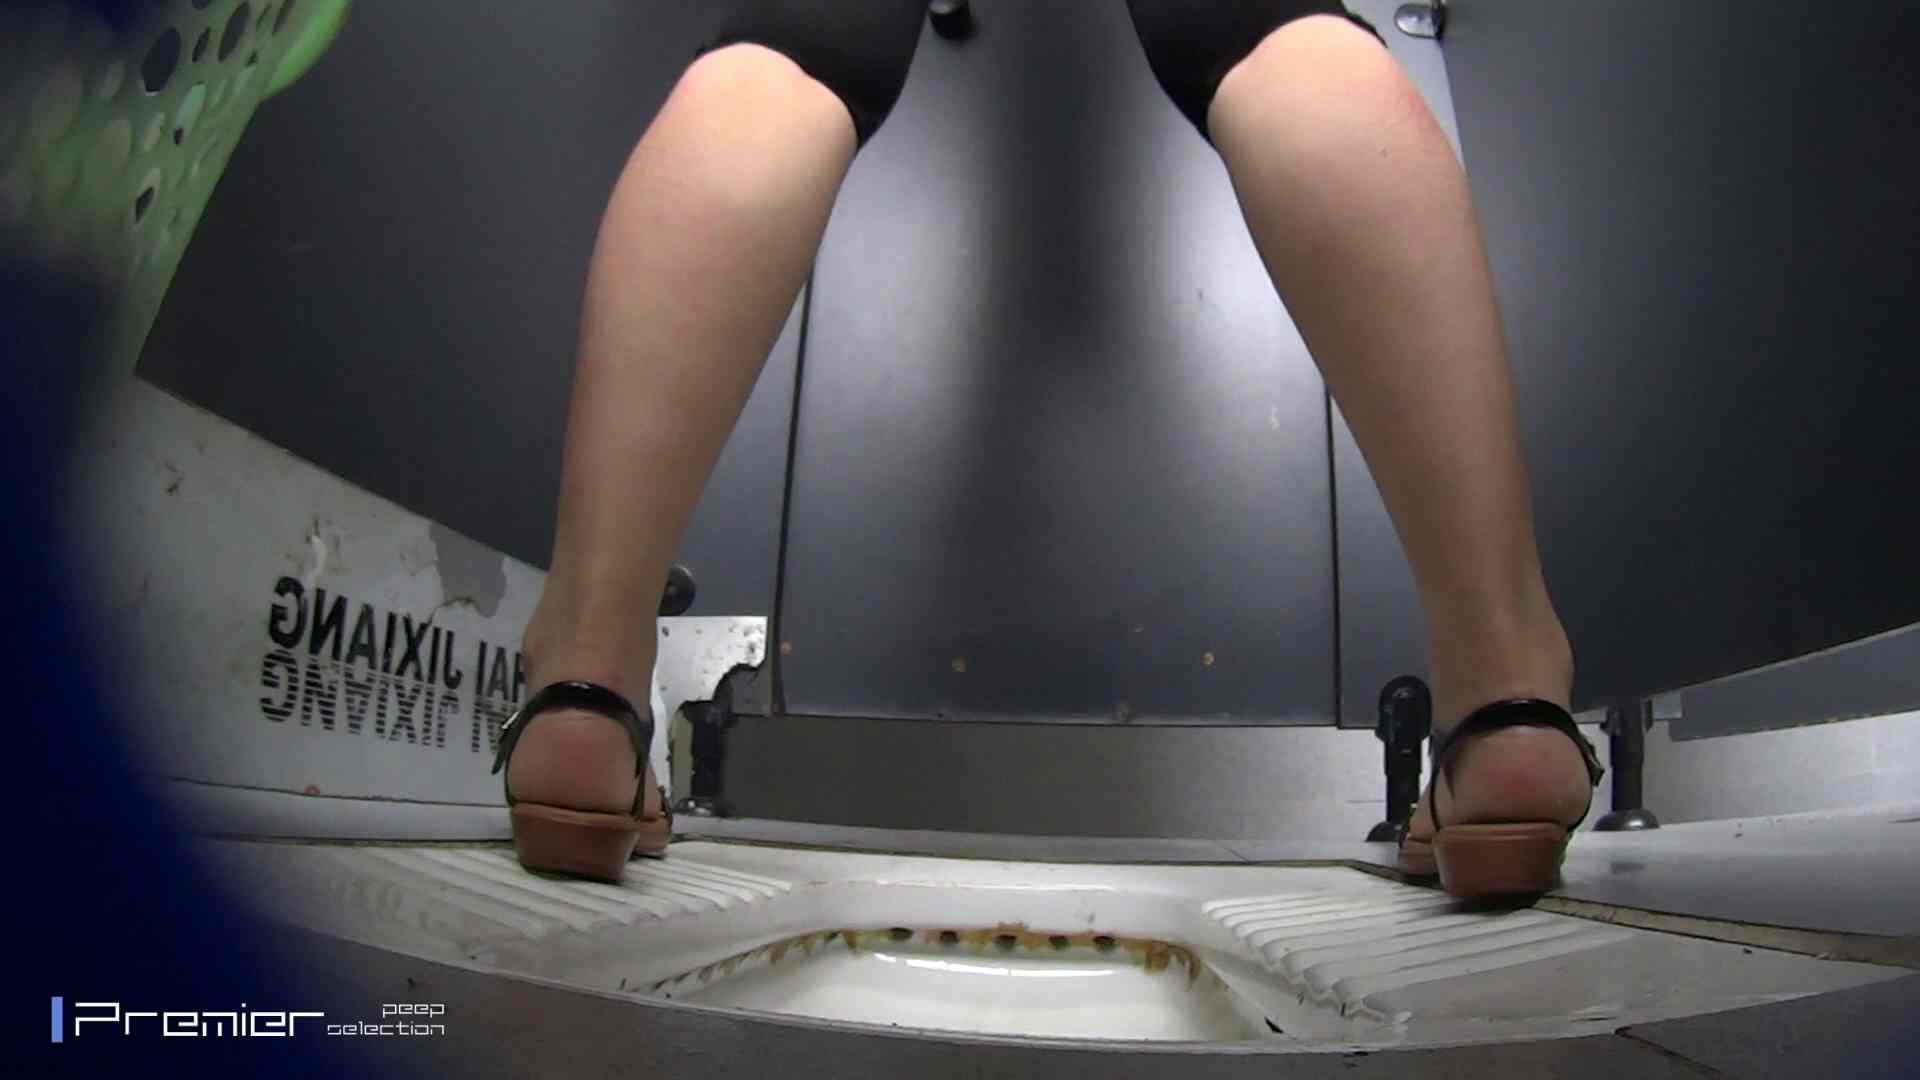 ポチャが多めの洗面所 大学休憩時間の洗面所事情45 細身女性 おまんこ動画流出 76画像 66